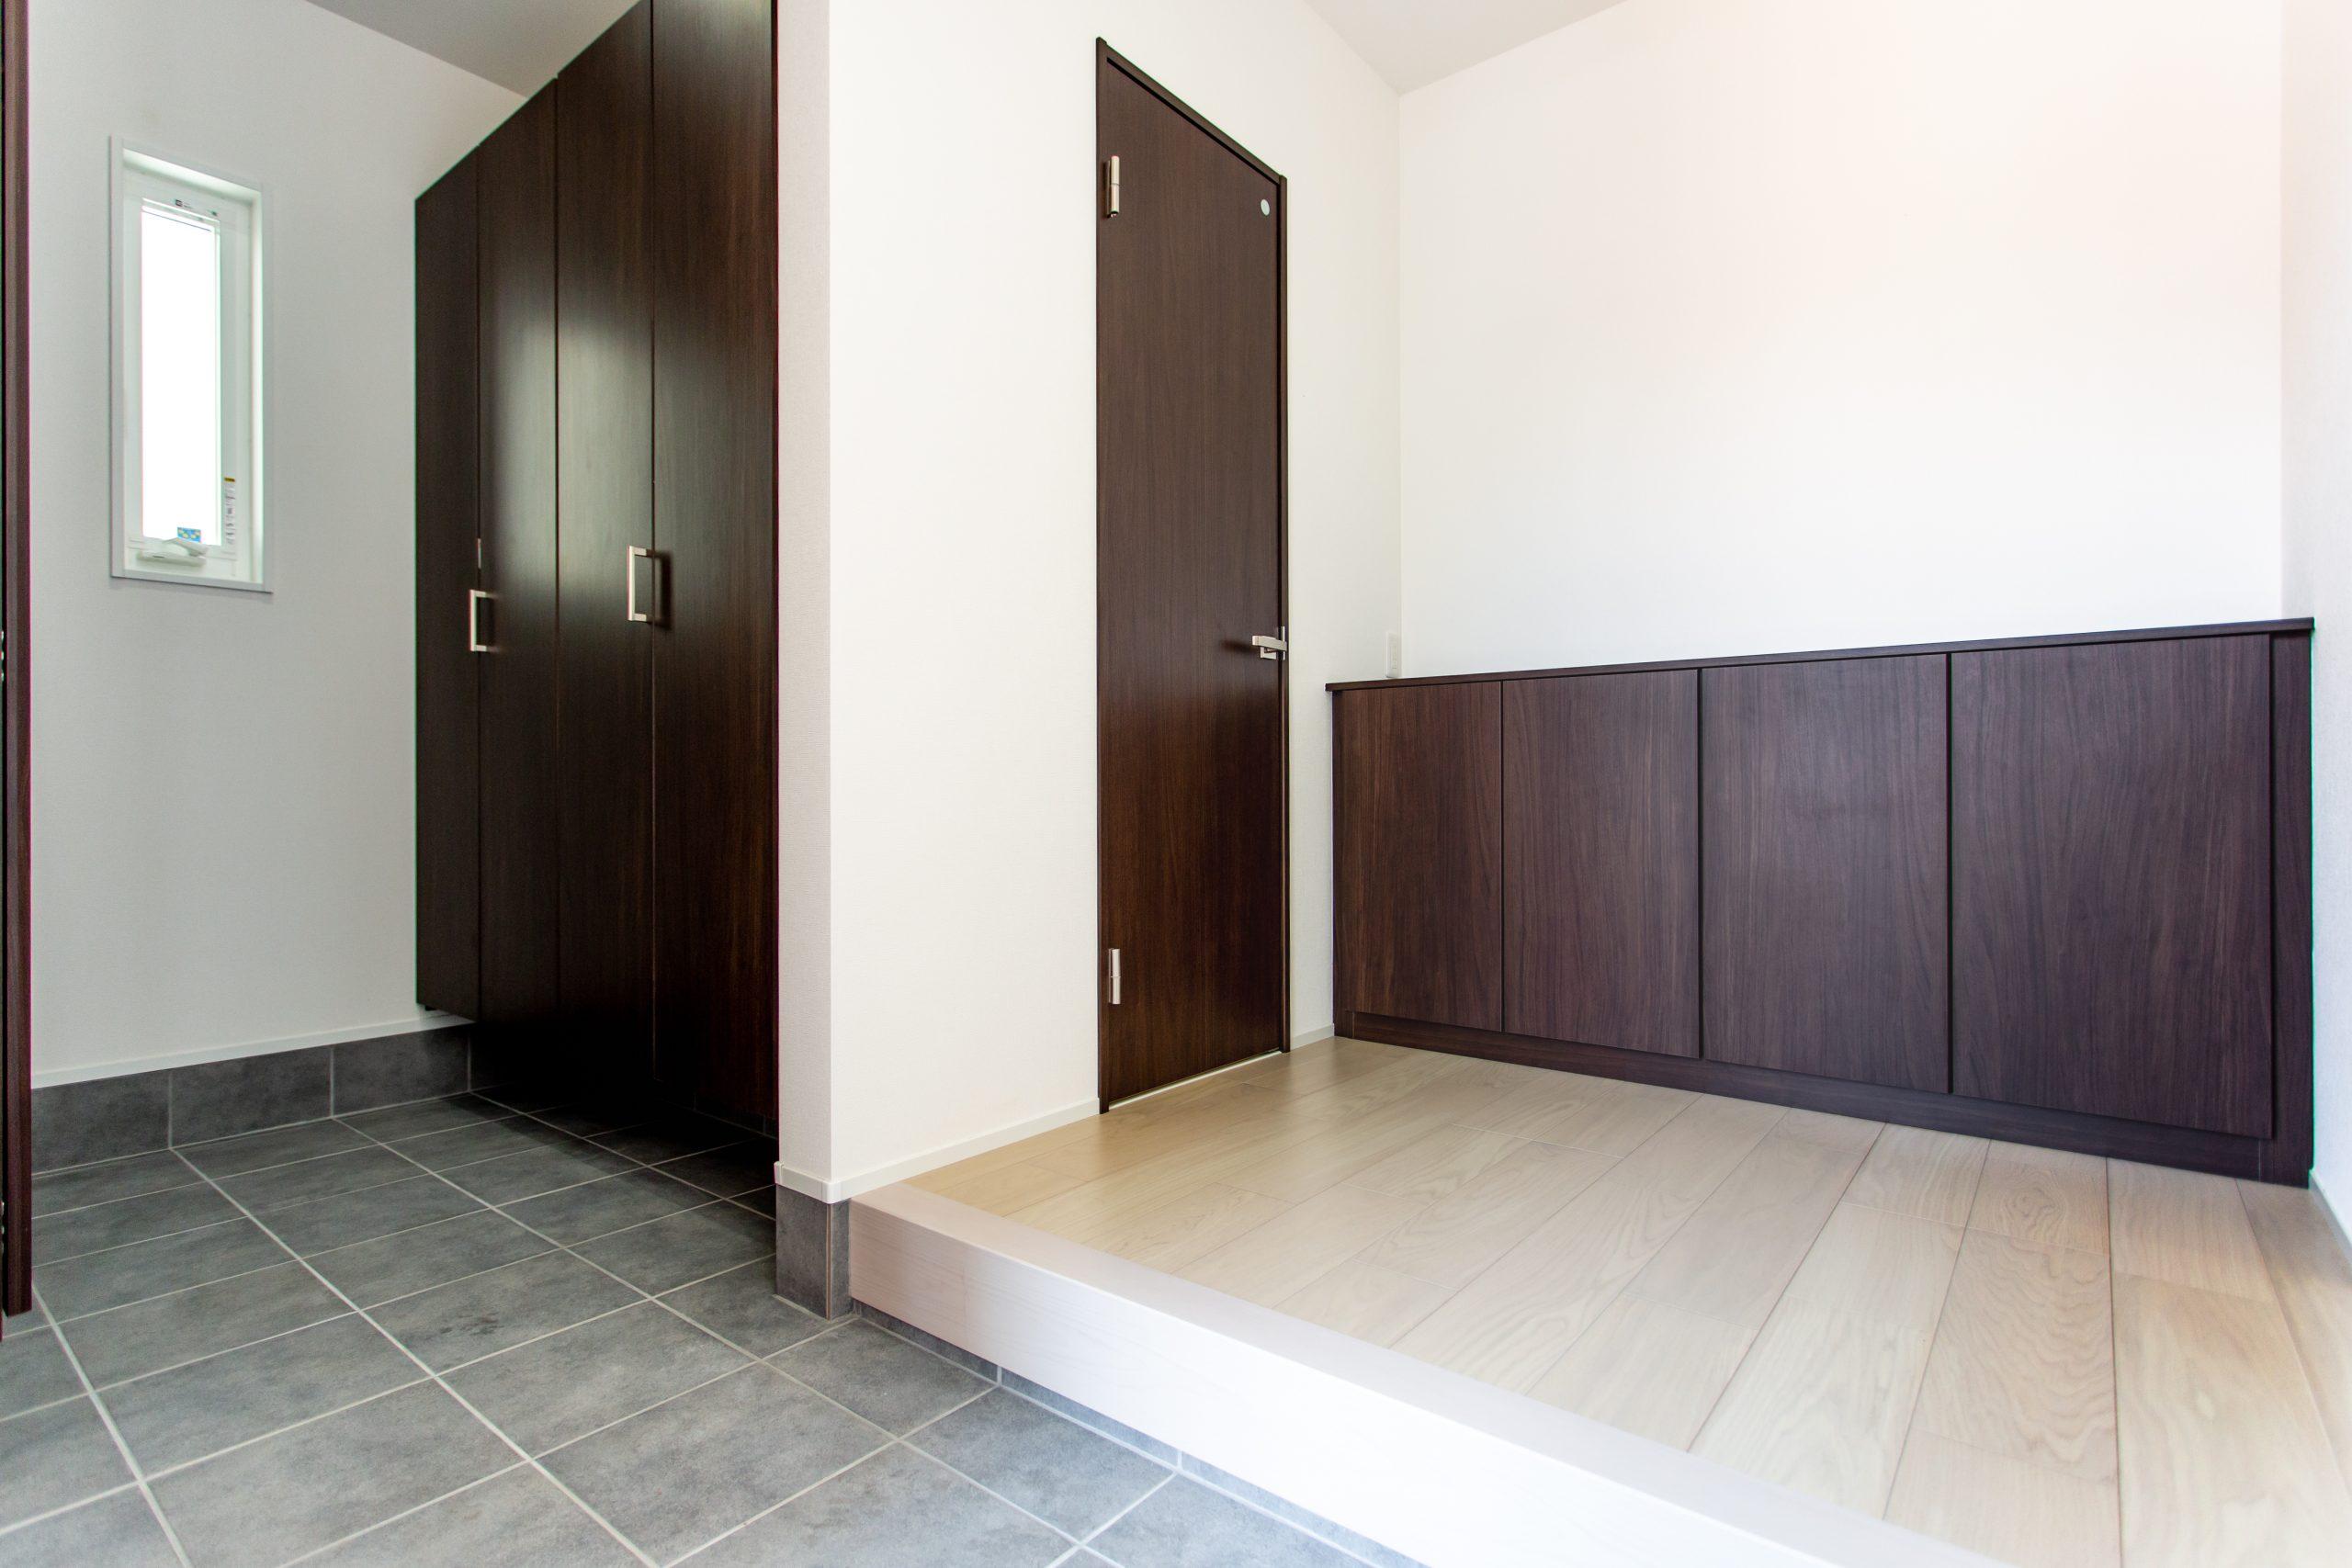 <p>シューズクロークから続く、広い玄関ホール。</p> <p>建具や扉の色を合わせることで統一感があり、シンプル中にもインテリアが映える空間になりました。</p>